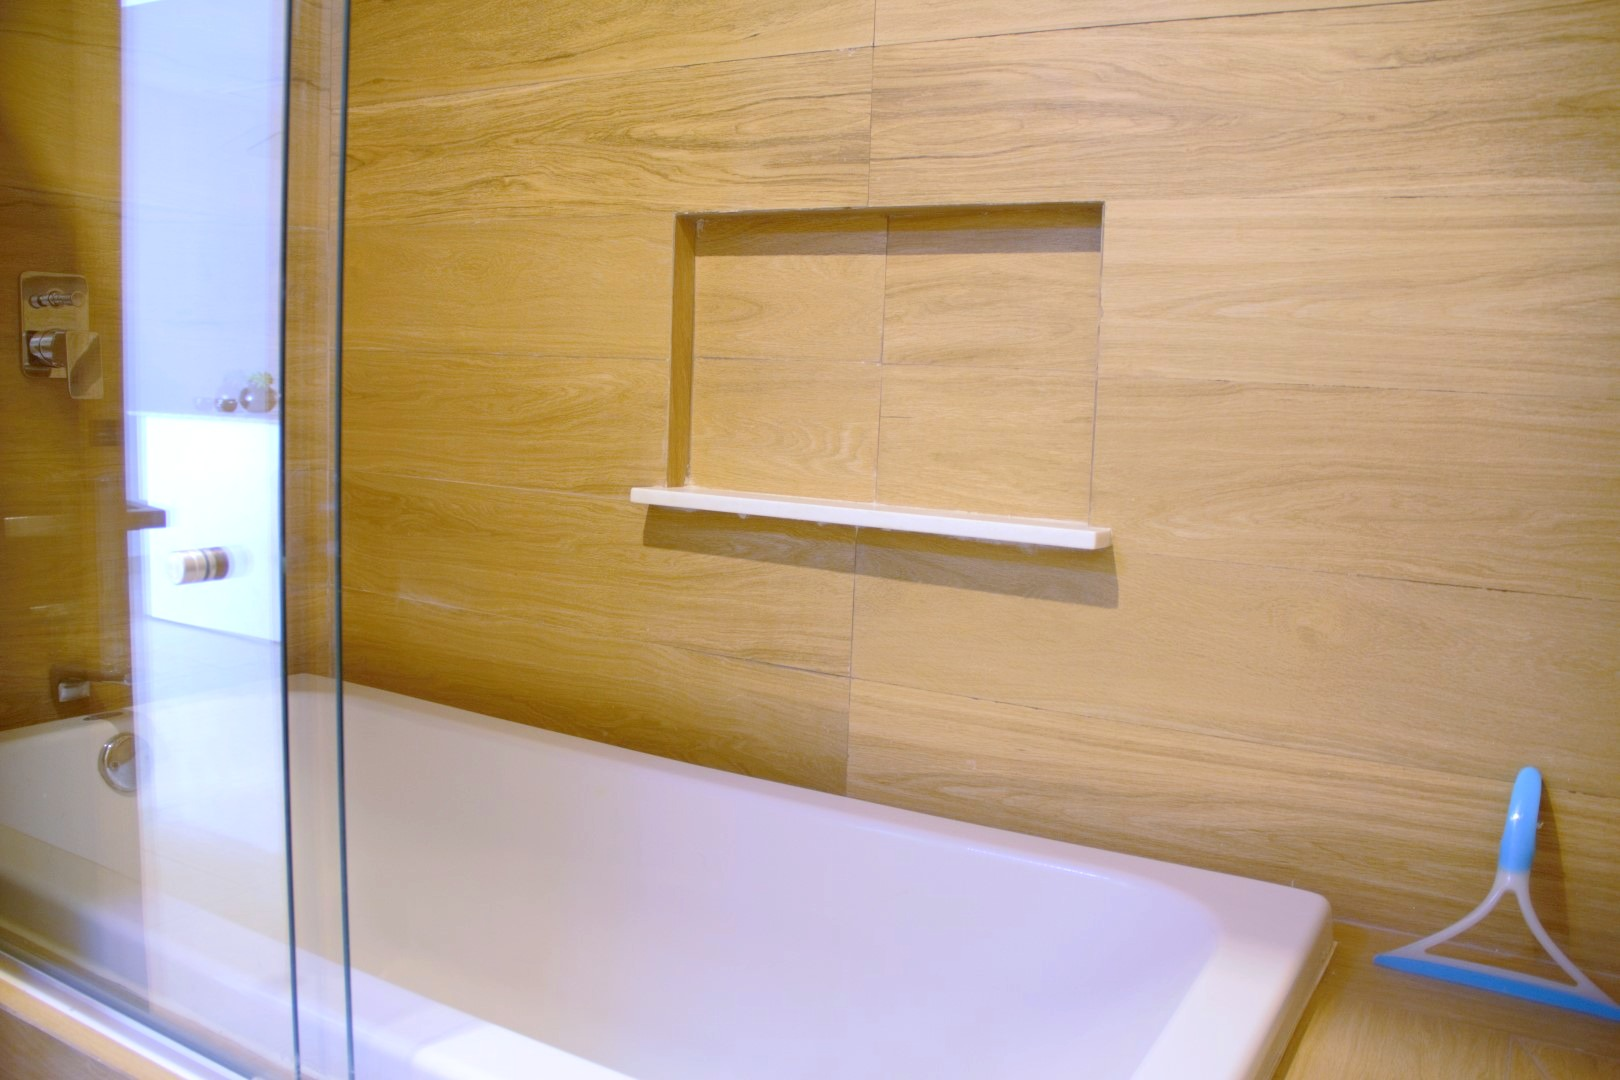 Bath-tub in master bathroom.